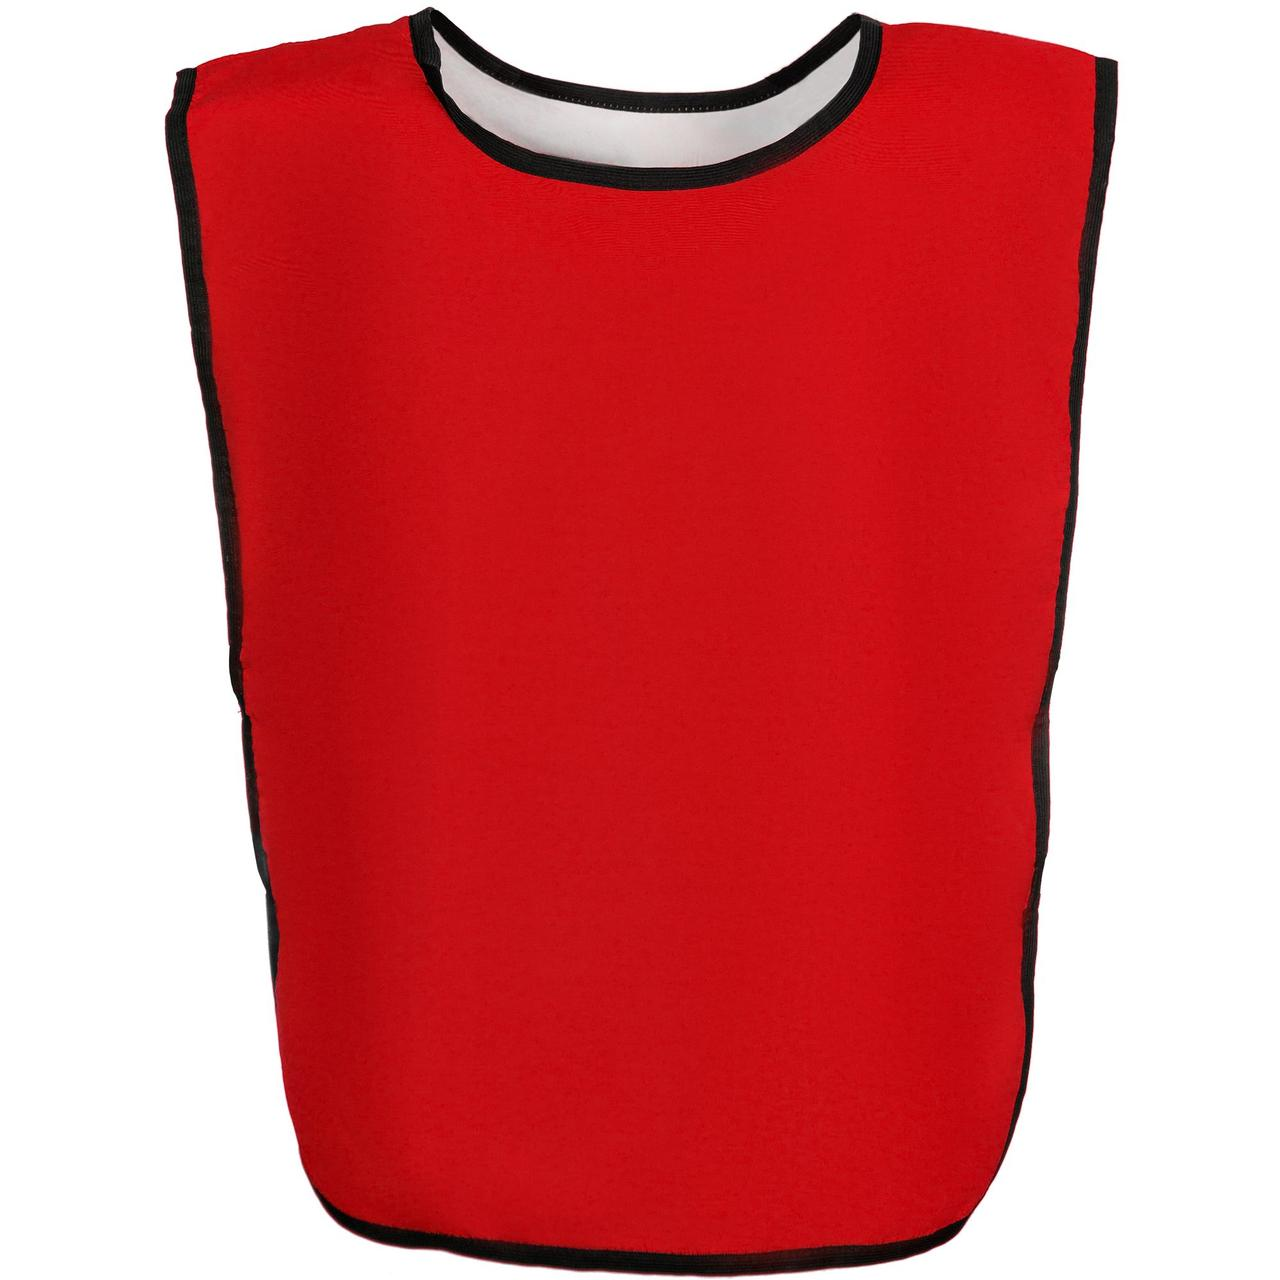 Манишка Outfit, двусторонняя, белая с красным (артикул 15108.65)